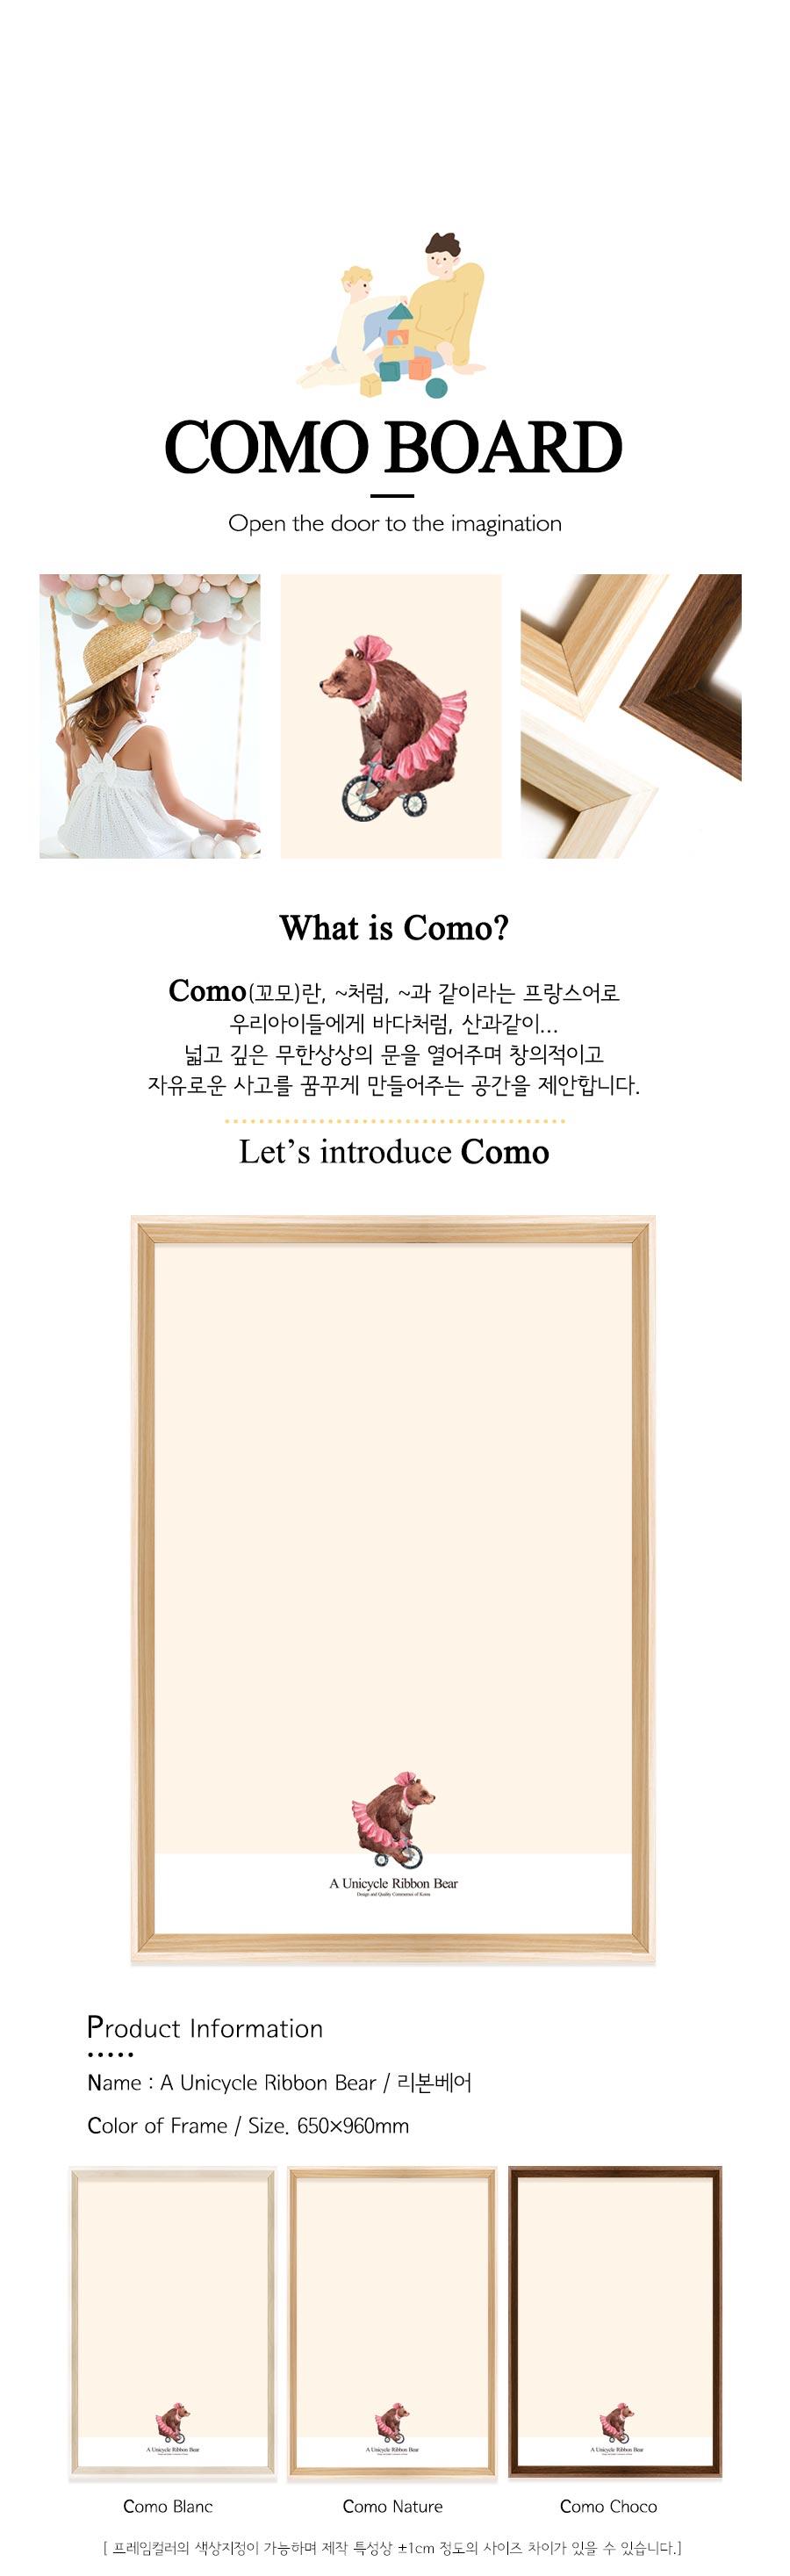 꼬모 리본베어 보드 M 유아 자석 칠판 화이트 - 꼬메모이, 75,000원, 교육완구, 컬러보드